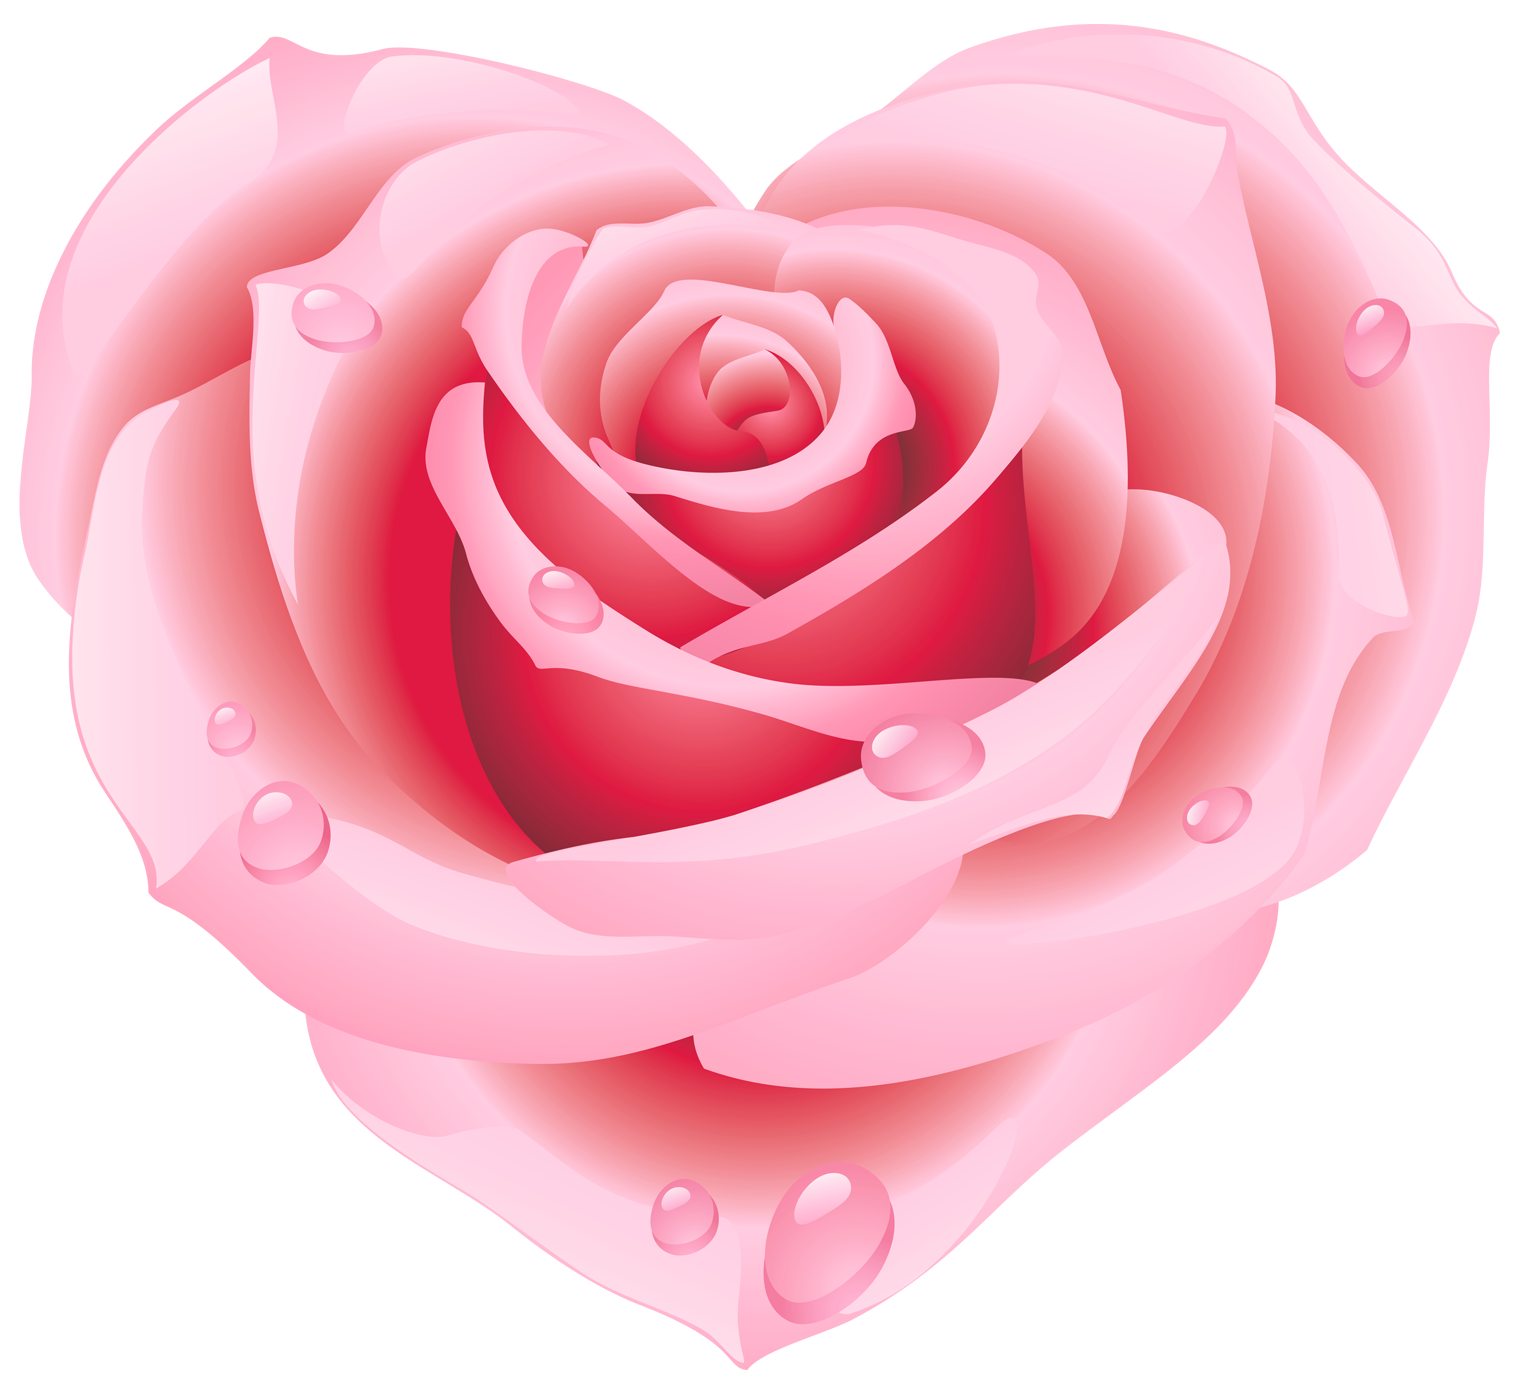 pink_heart_1